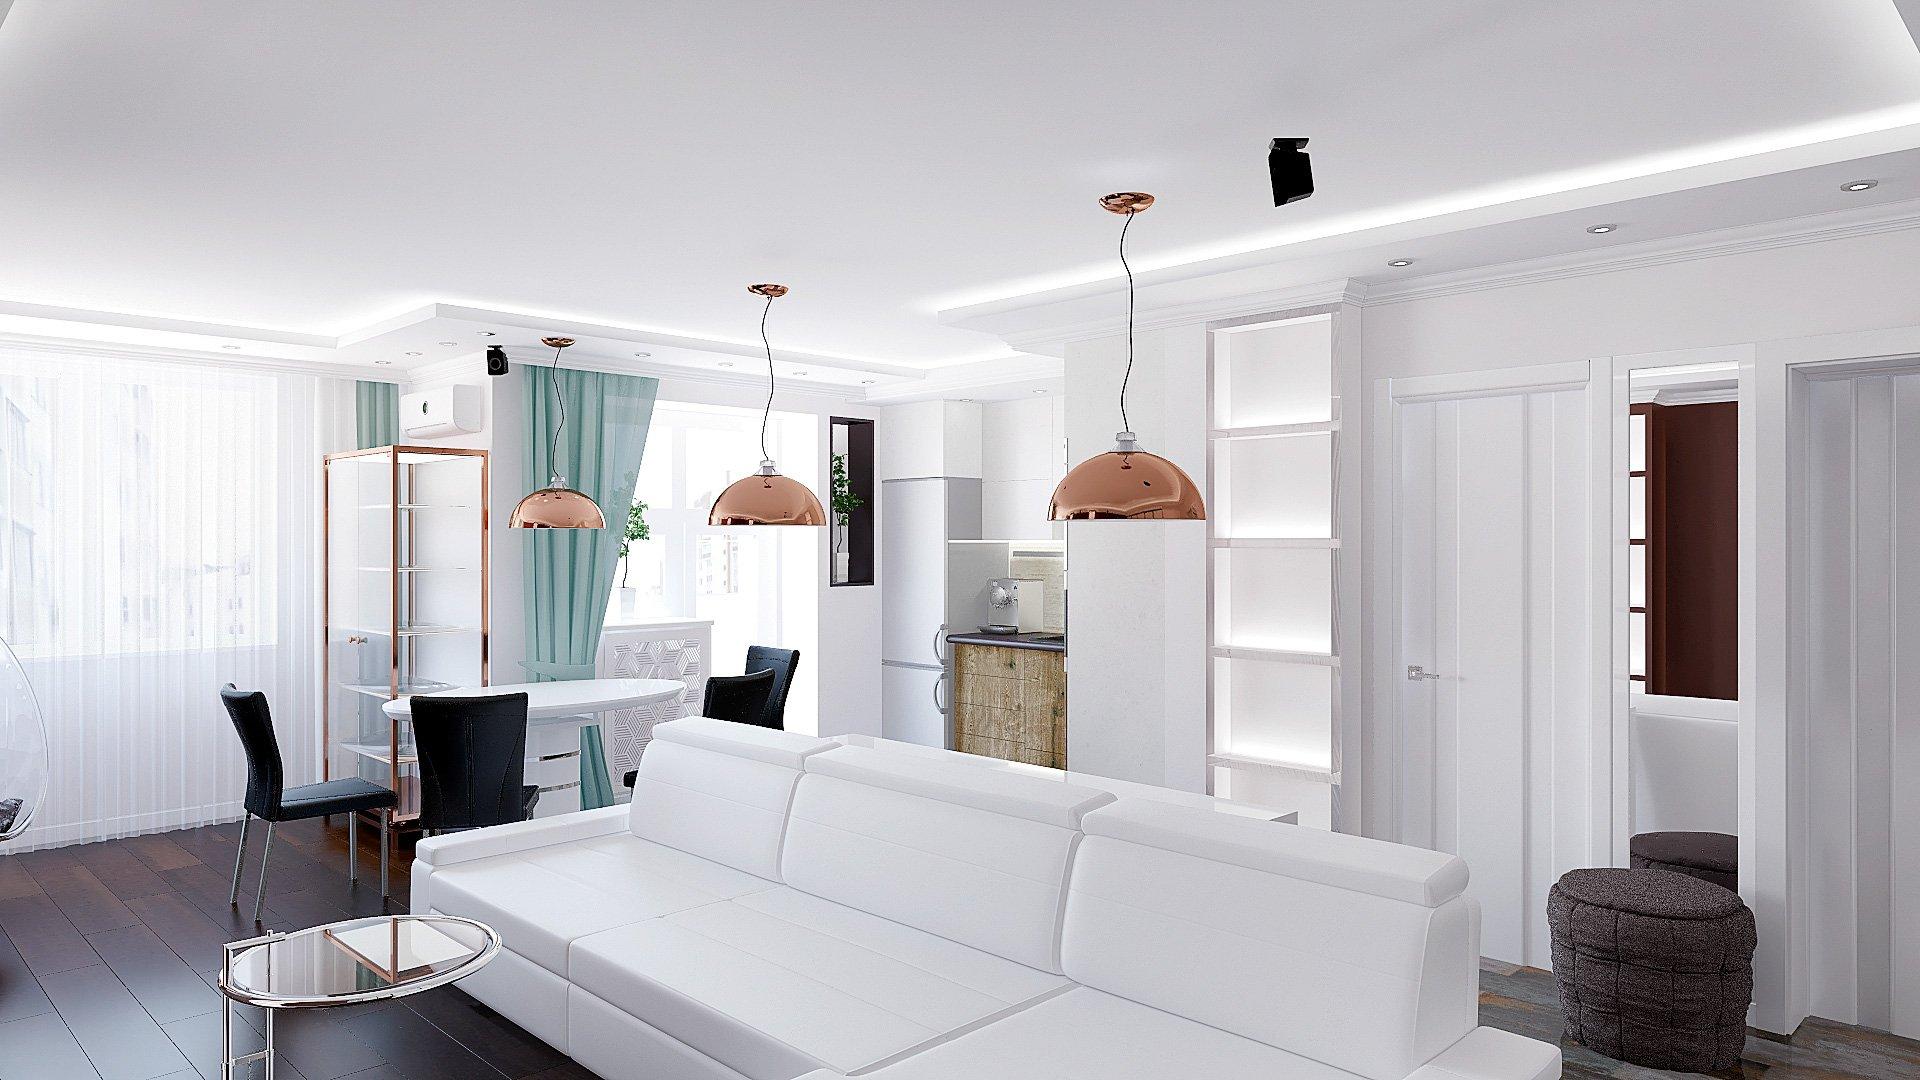 Дизайн интерьера квартиры в Гомеле, Зона кухни-гостиной-прихожая, белый диван, темно-коричневая стена, полки с подсветкой, подвесные светильники, интерьер гостиной в гомеле в современном стиле №1